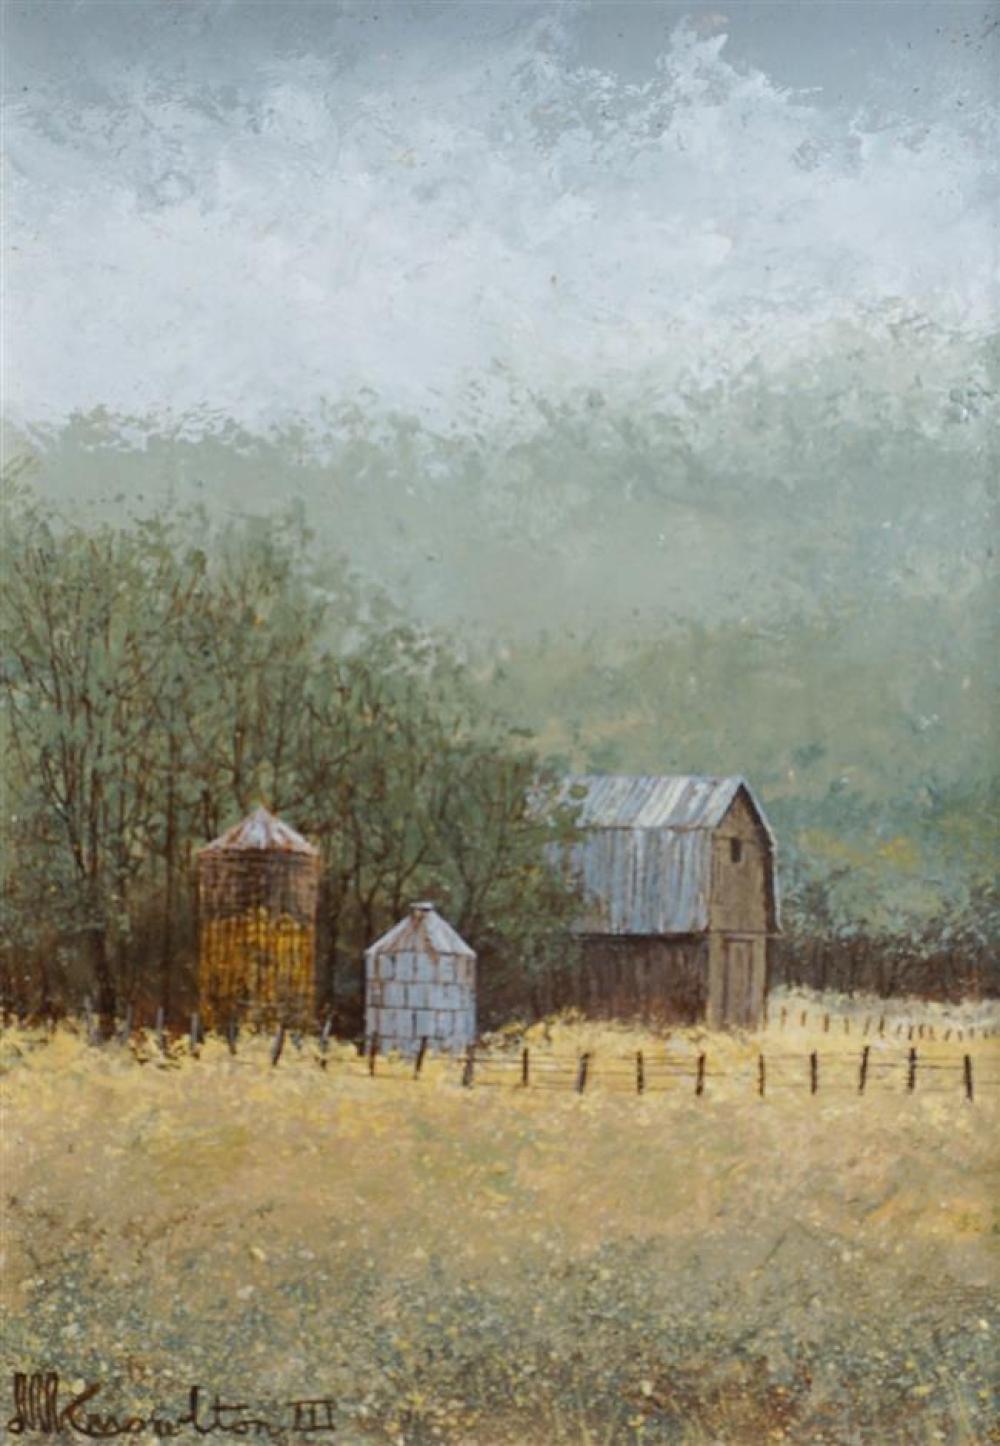 David Knowlton III (American b. 1941), Farm Landscape, Oil on Board, Framed, 11 x 9 inches